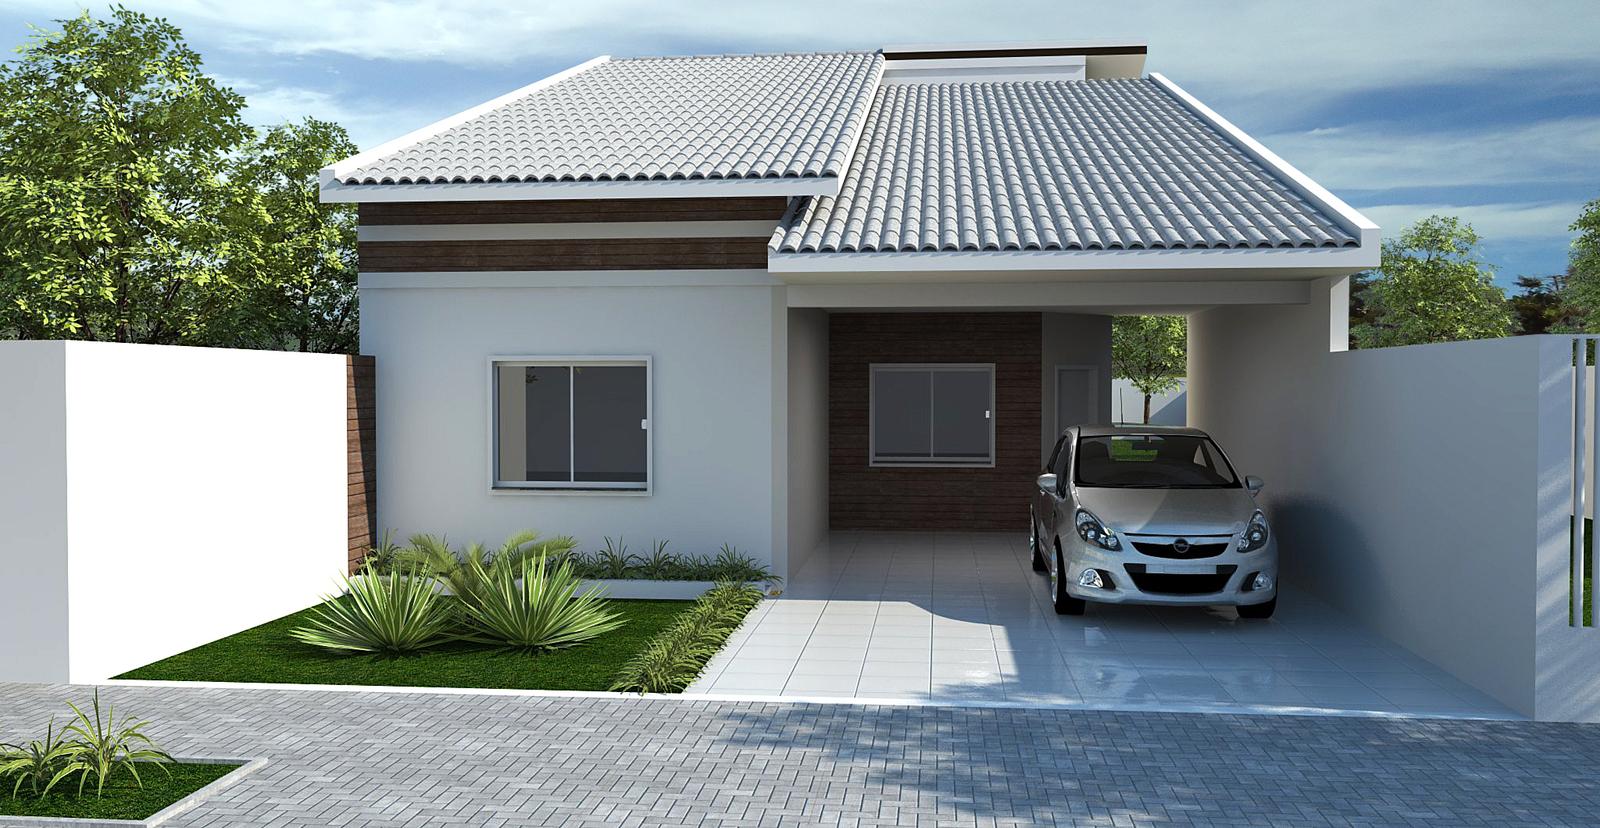 Fotos de fachadas de casas deixe a frente de casa linda for Disenos de casas pequenas para construir